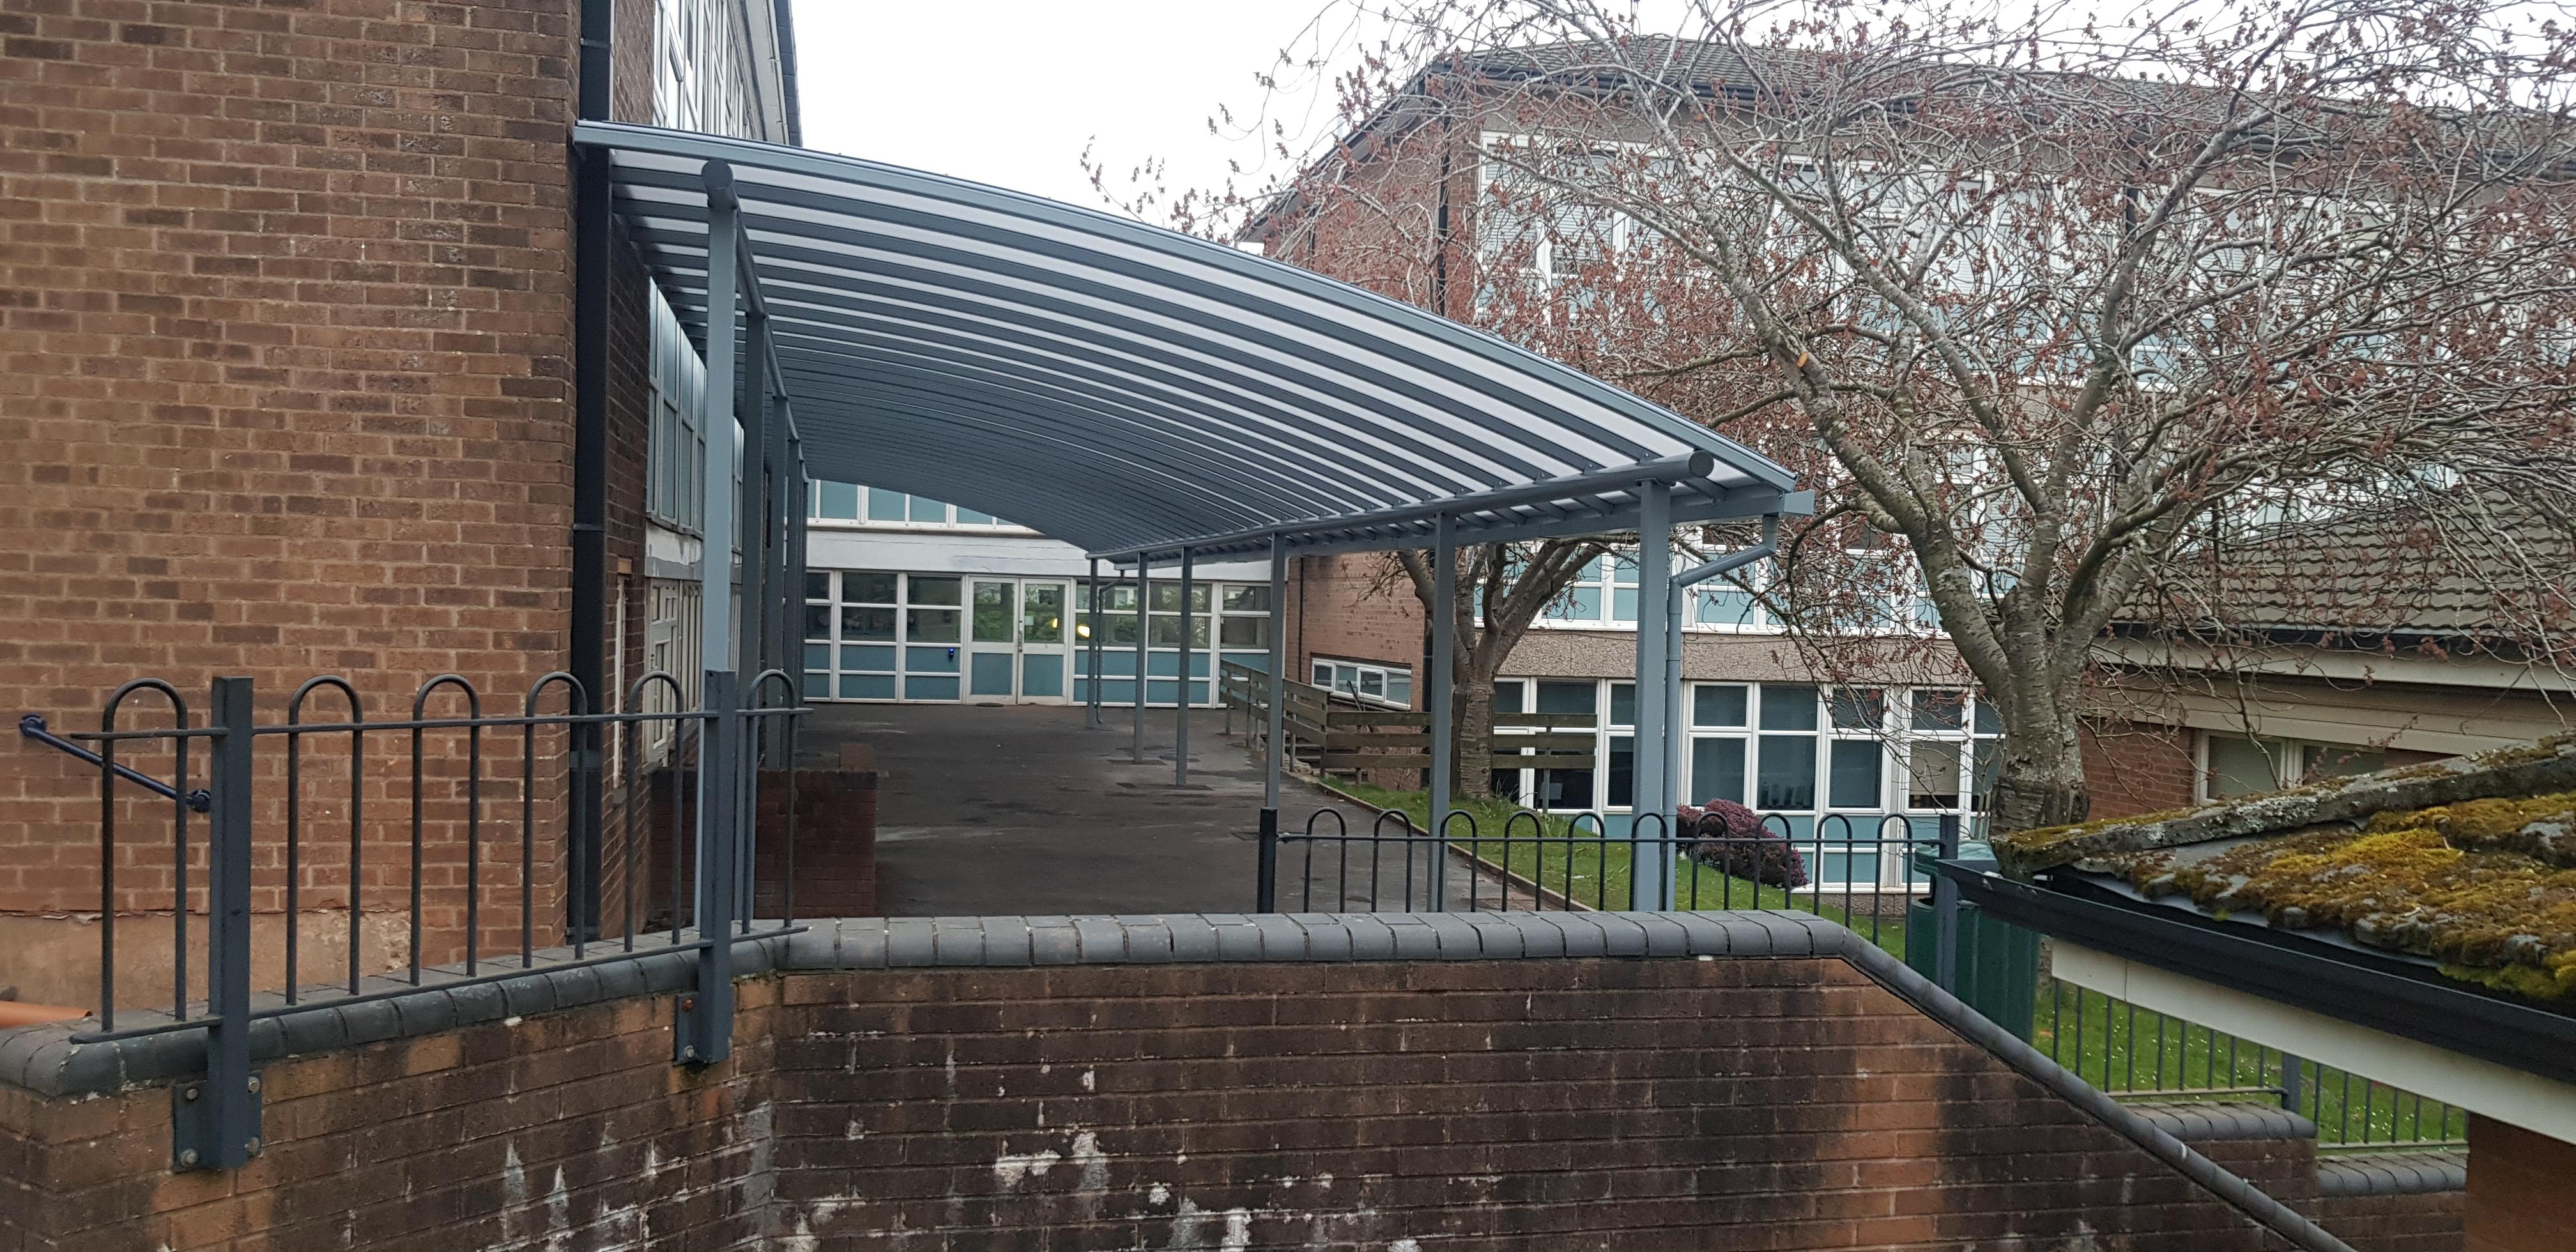 Dowdales School